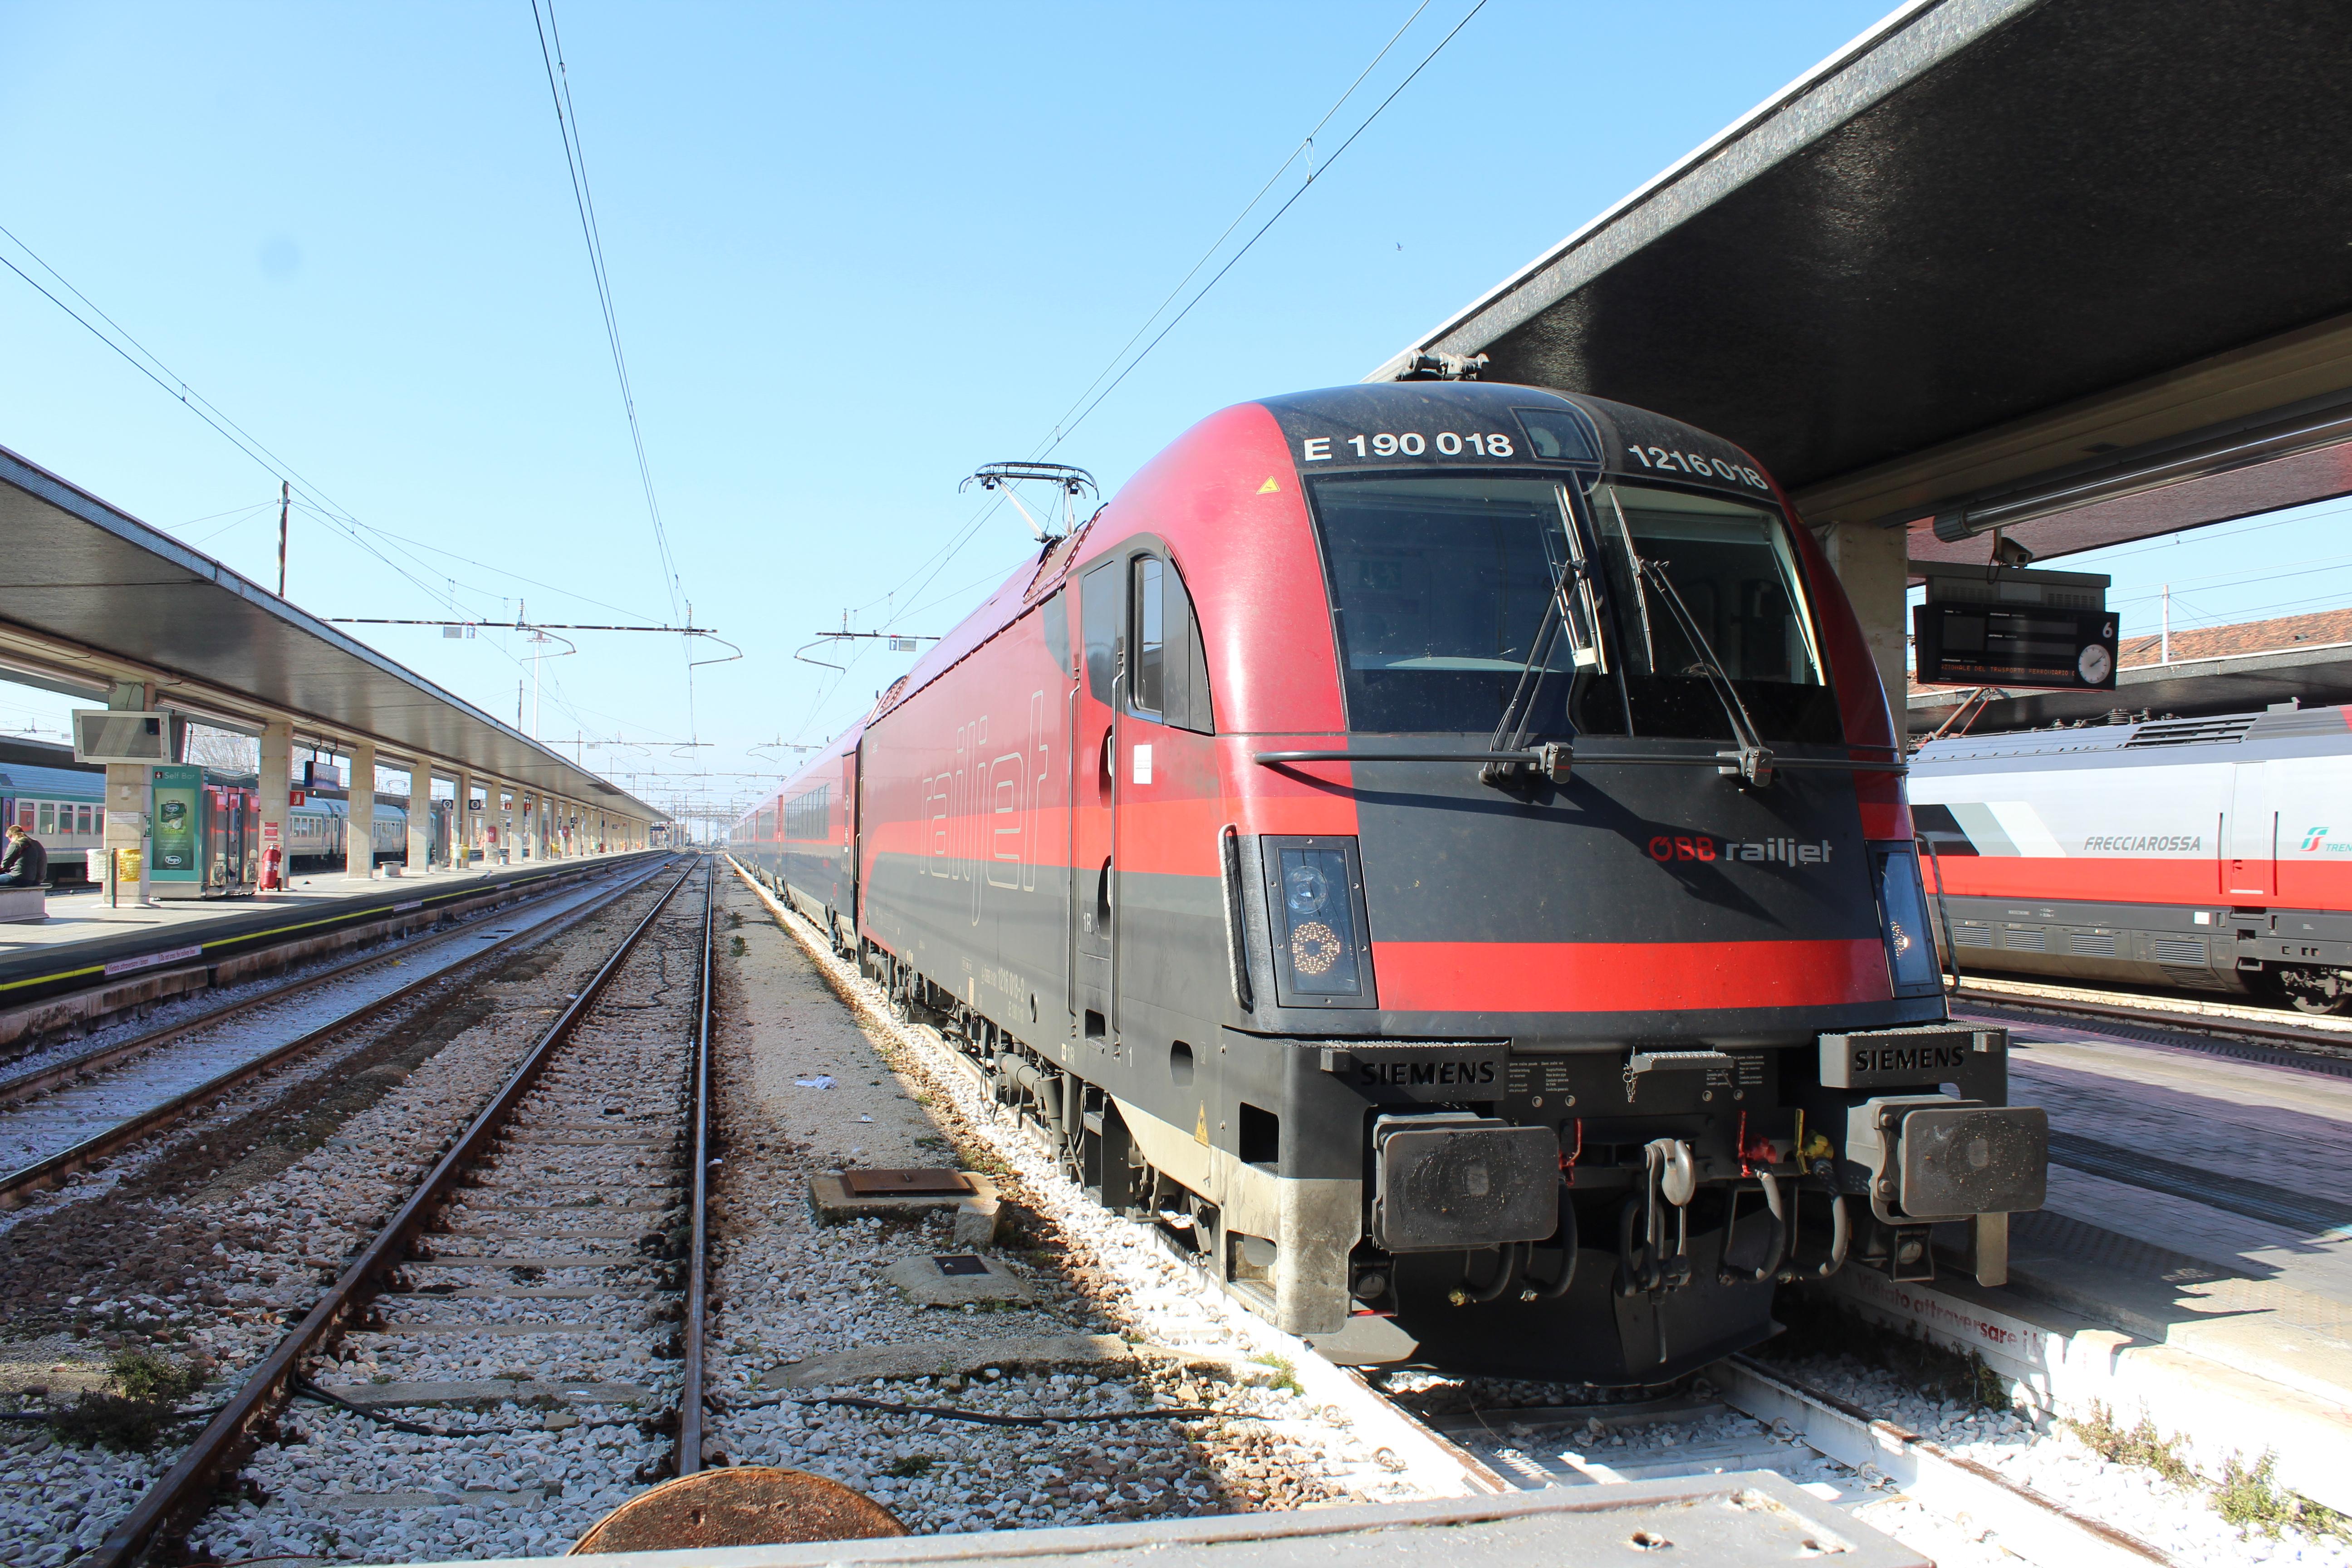 Railjet_venedig